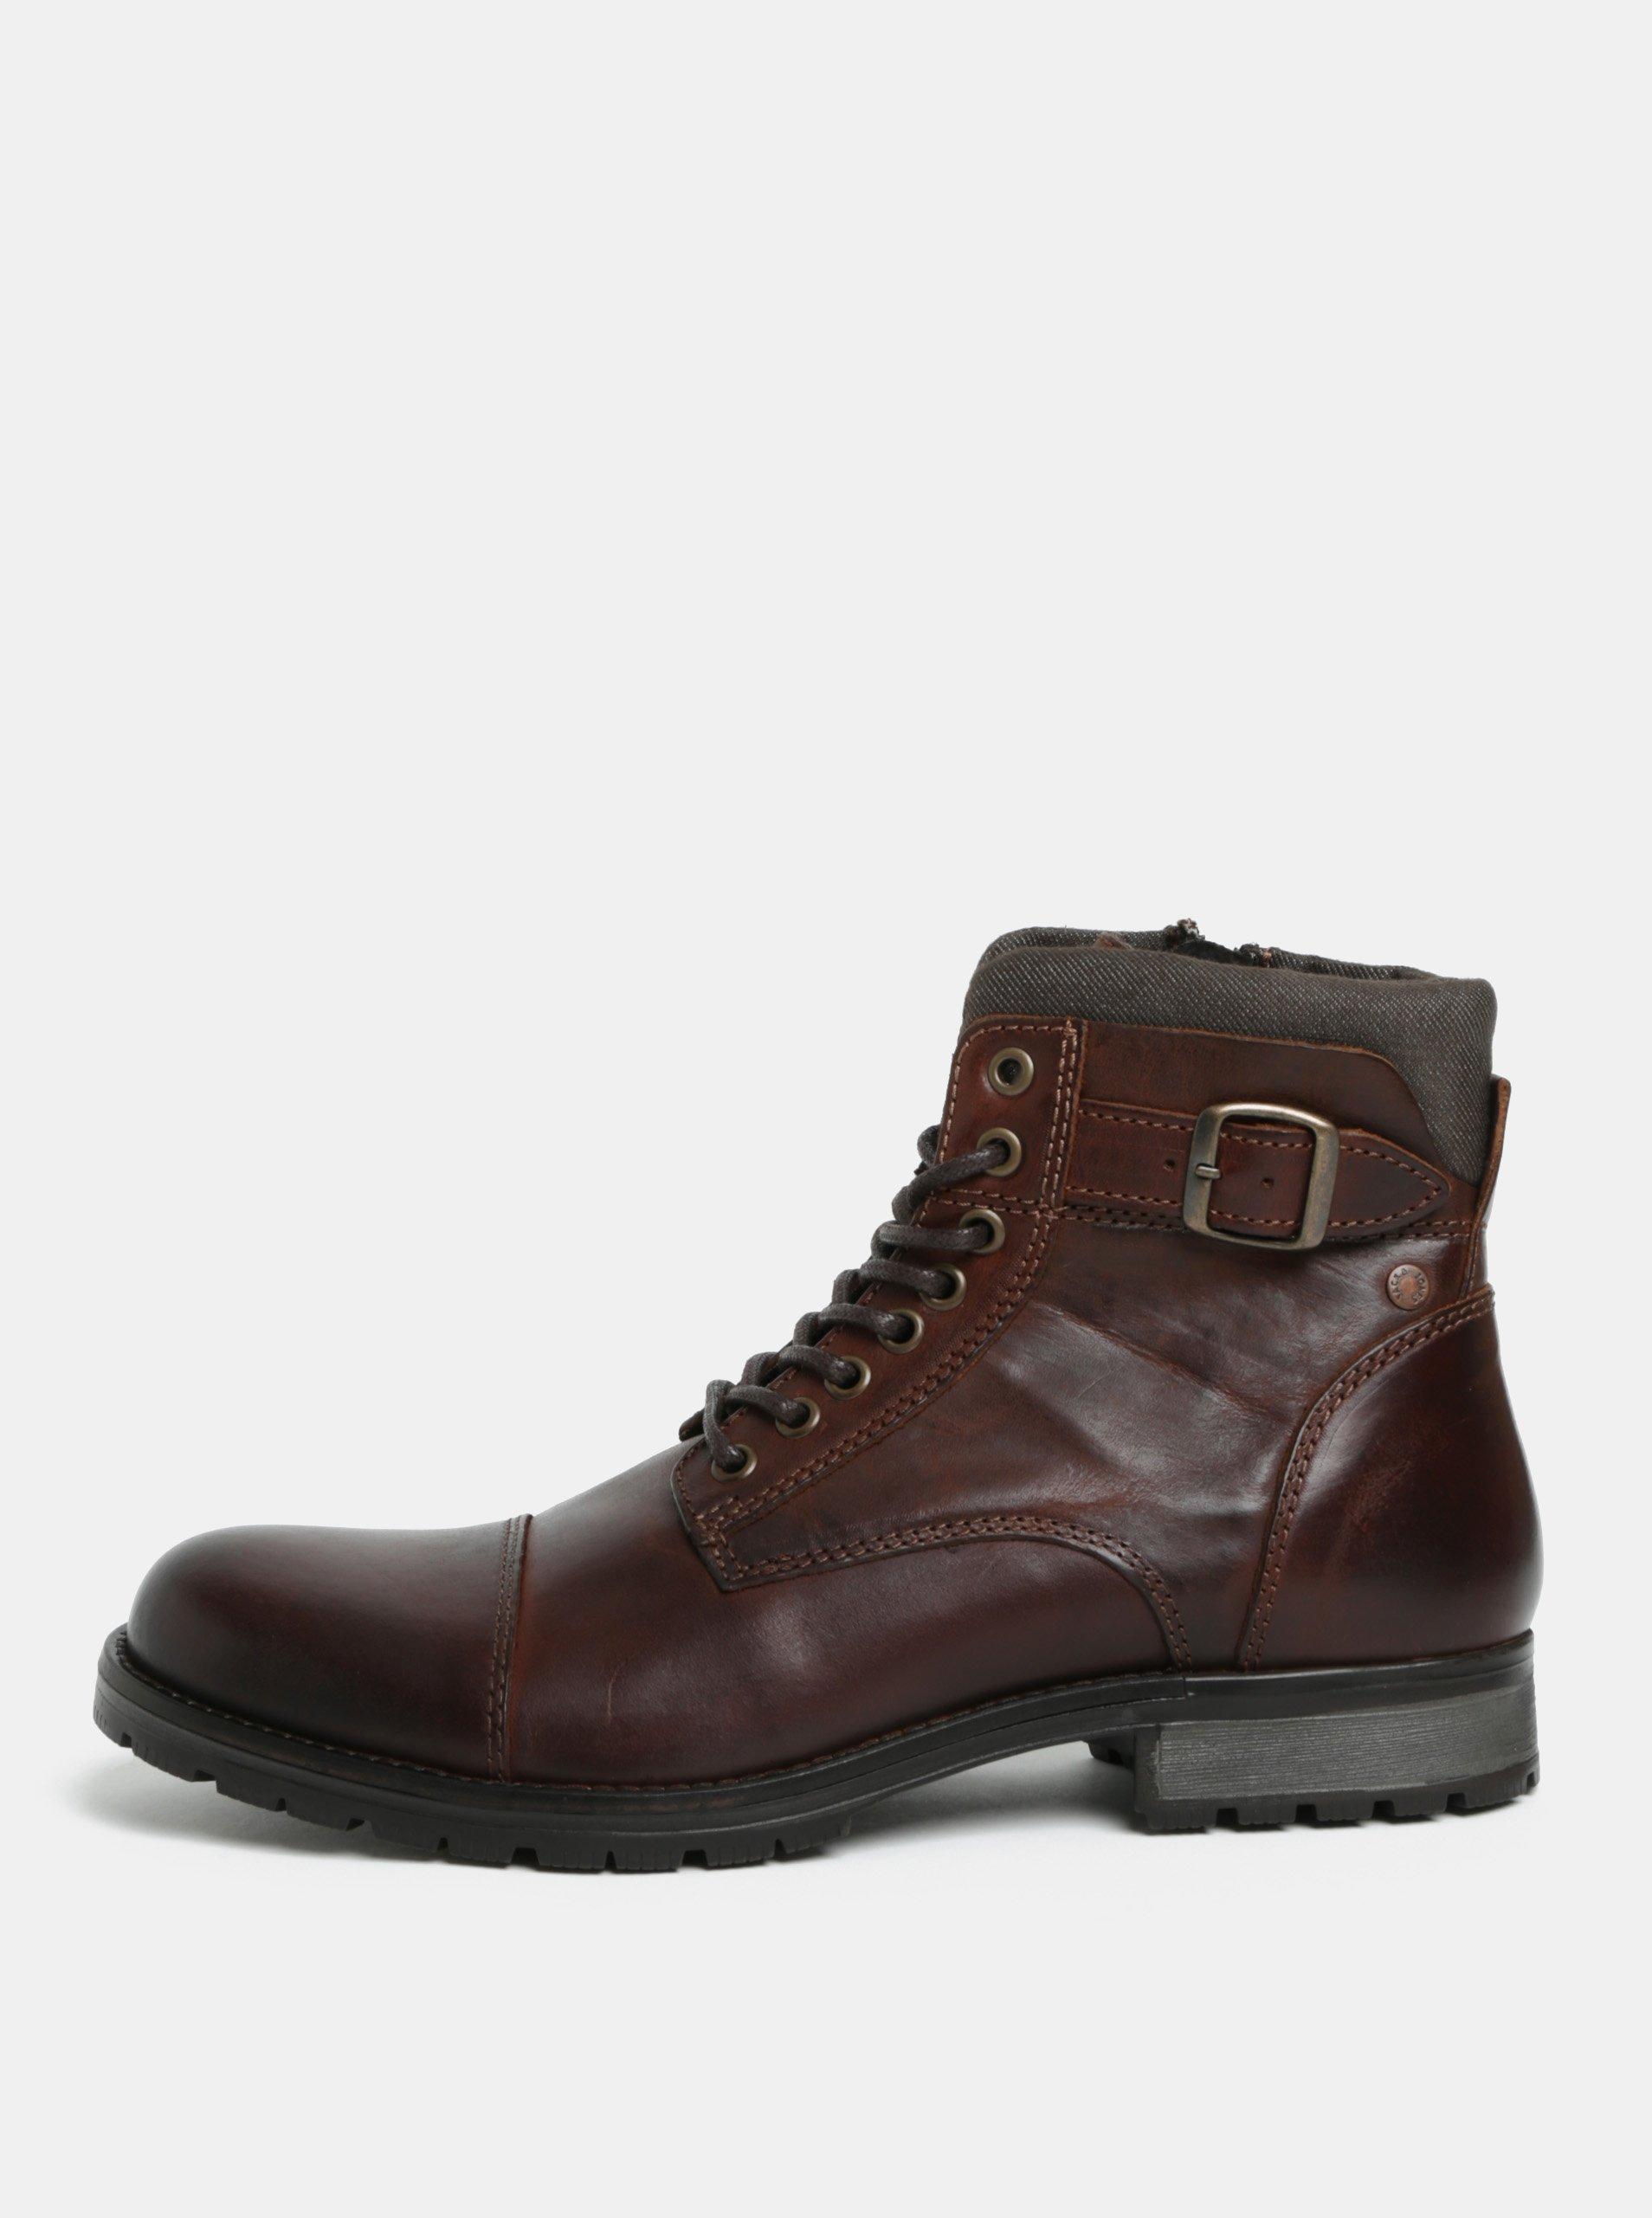 Tmavě hnědé pánské kožené kotníkové boty s přezkou Jack   Jones Bany 4b9cb8f828